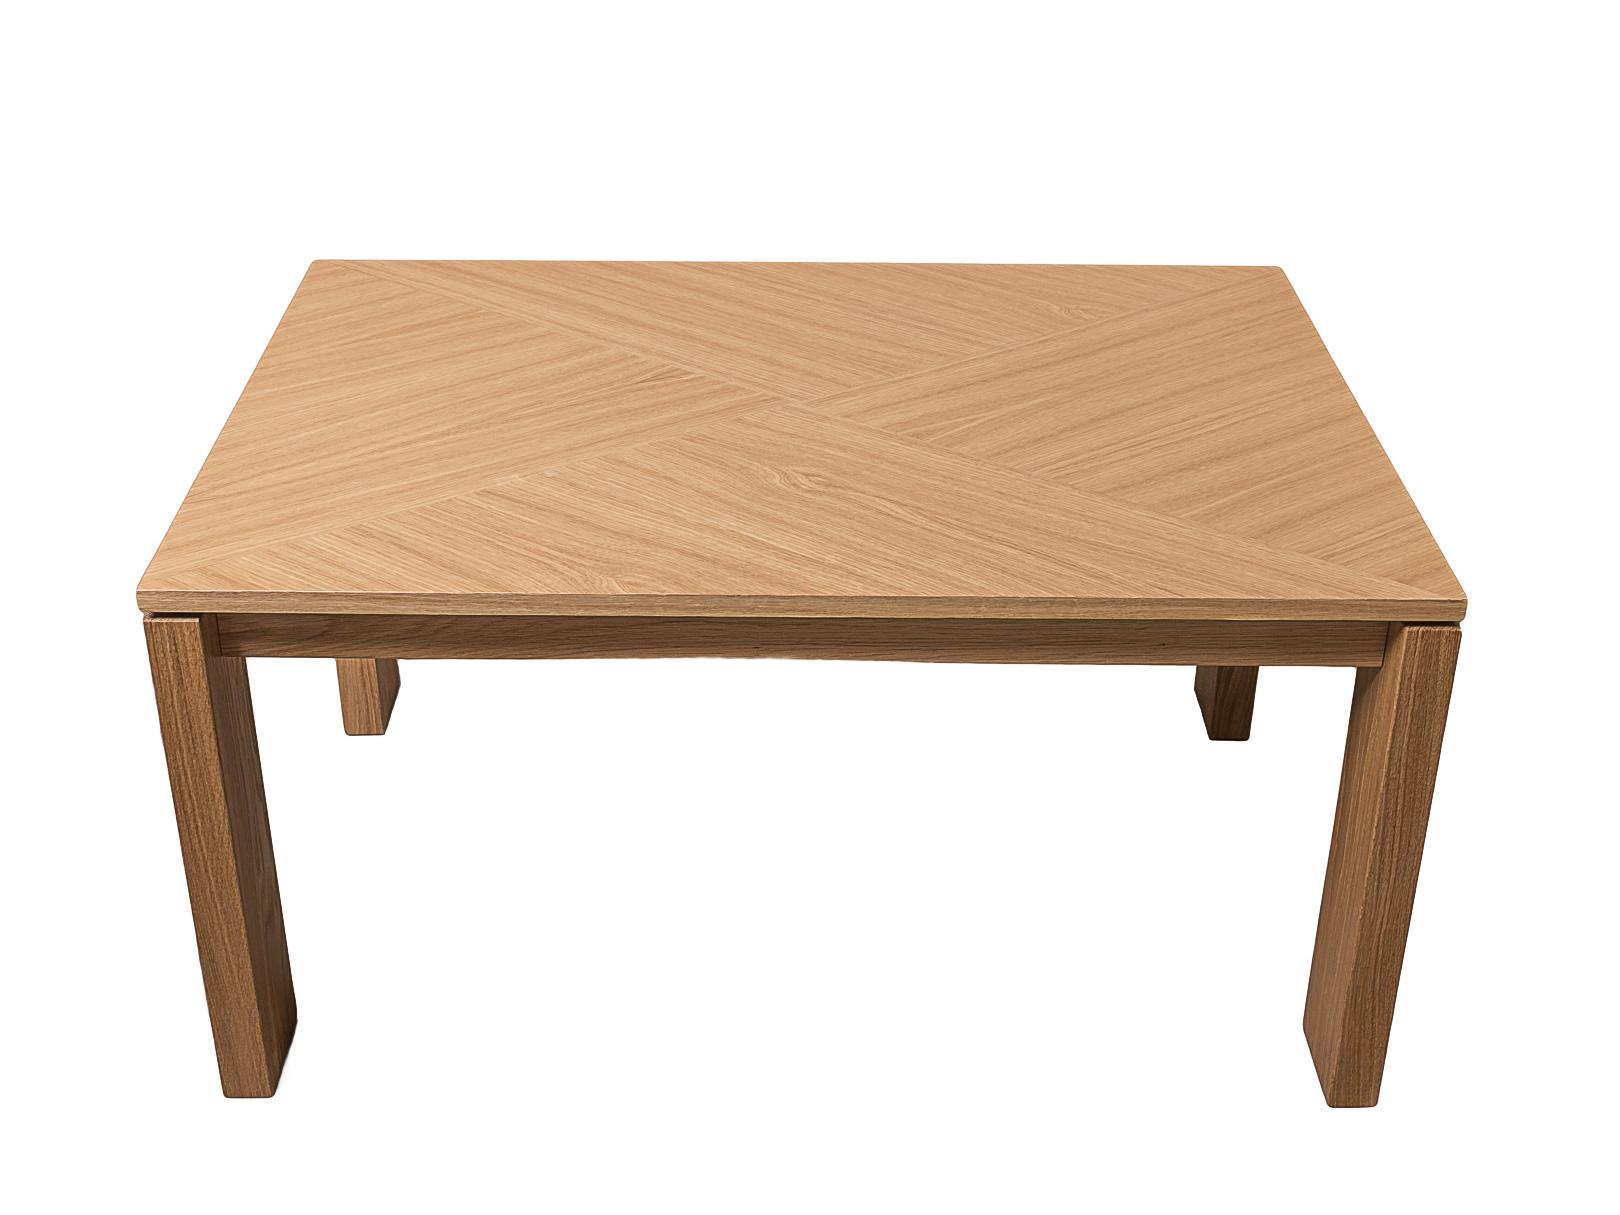 Журнальный стол EaseЖурнальные столики<br>Журнальный столик с оригинальным рисунком пересекающихся текстур. Название Ease в переводе с английского - легкость, непринужденность. Мы назвали эту модель так потому, что столик воспринимается очень легким, буквально невесомым и легко впишется в интерьер вашей гостиной.&amp;amp;nbsp;&amp;lt;div&amp;gt;&amp;lt;br&amp;gt;&amp;lt;/div&amp;gt;&amp;lt;div&amp;gt;Возможно изготовление в других размерах и цвете.&amp;amp;nbsp;&amp;lt;/div&amp;gt;&amp;lt;div&amp;gt;Поставляется в готовом виде — сборка не требуется.&amp;lt;/div&amp;gt;<br><br>Material: Дерево<br>Length см: None<br>Width см: 90<br>Depth см: 64<br>Height см: 45.5